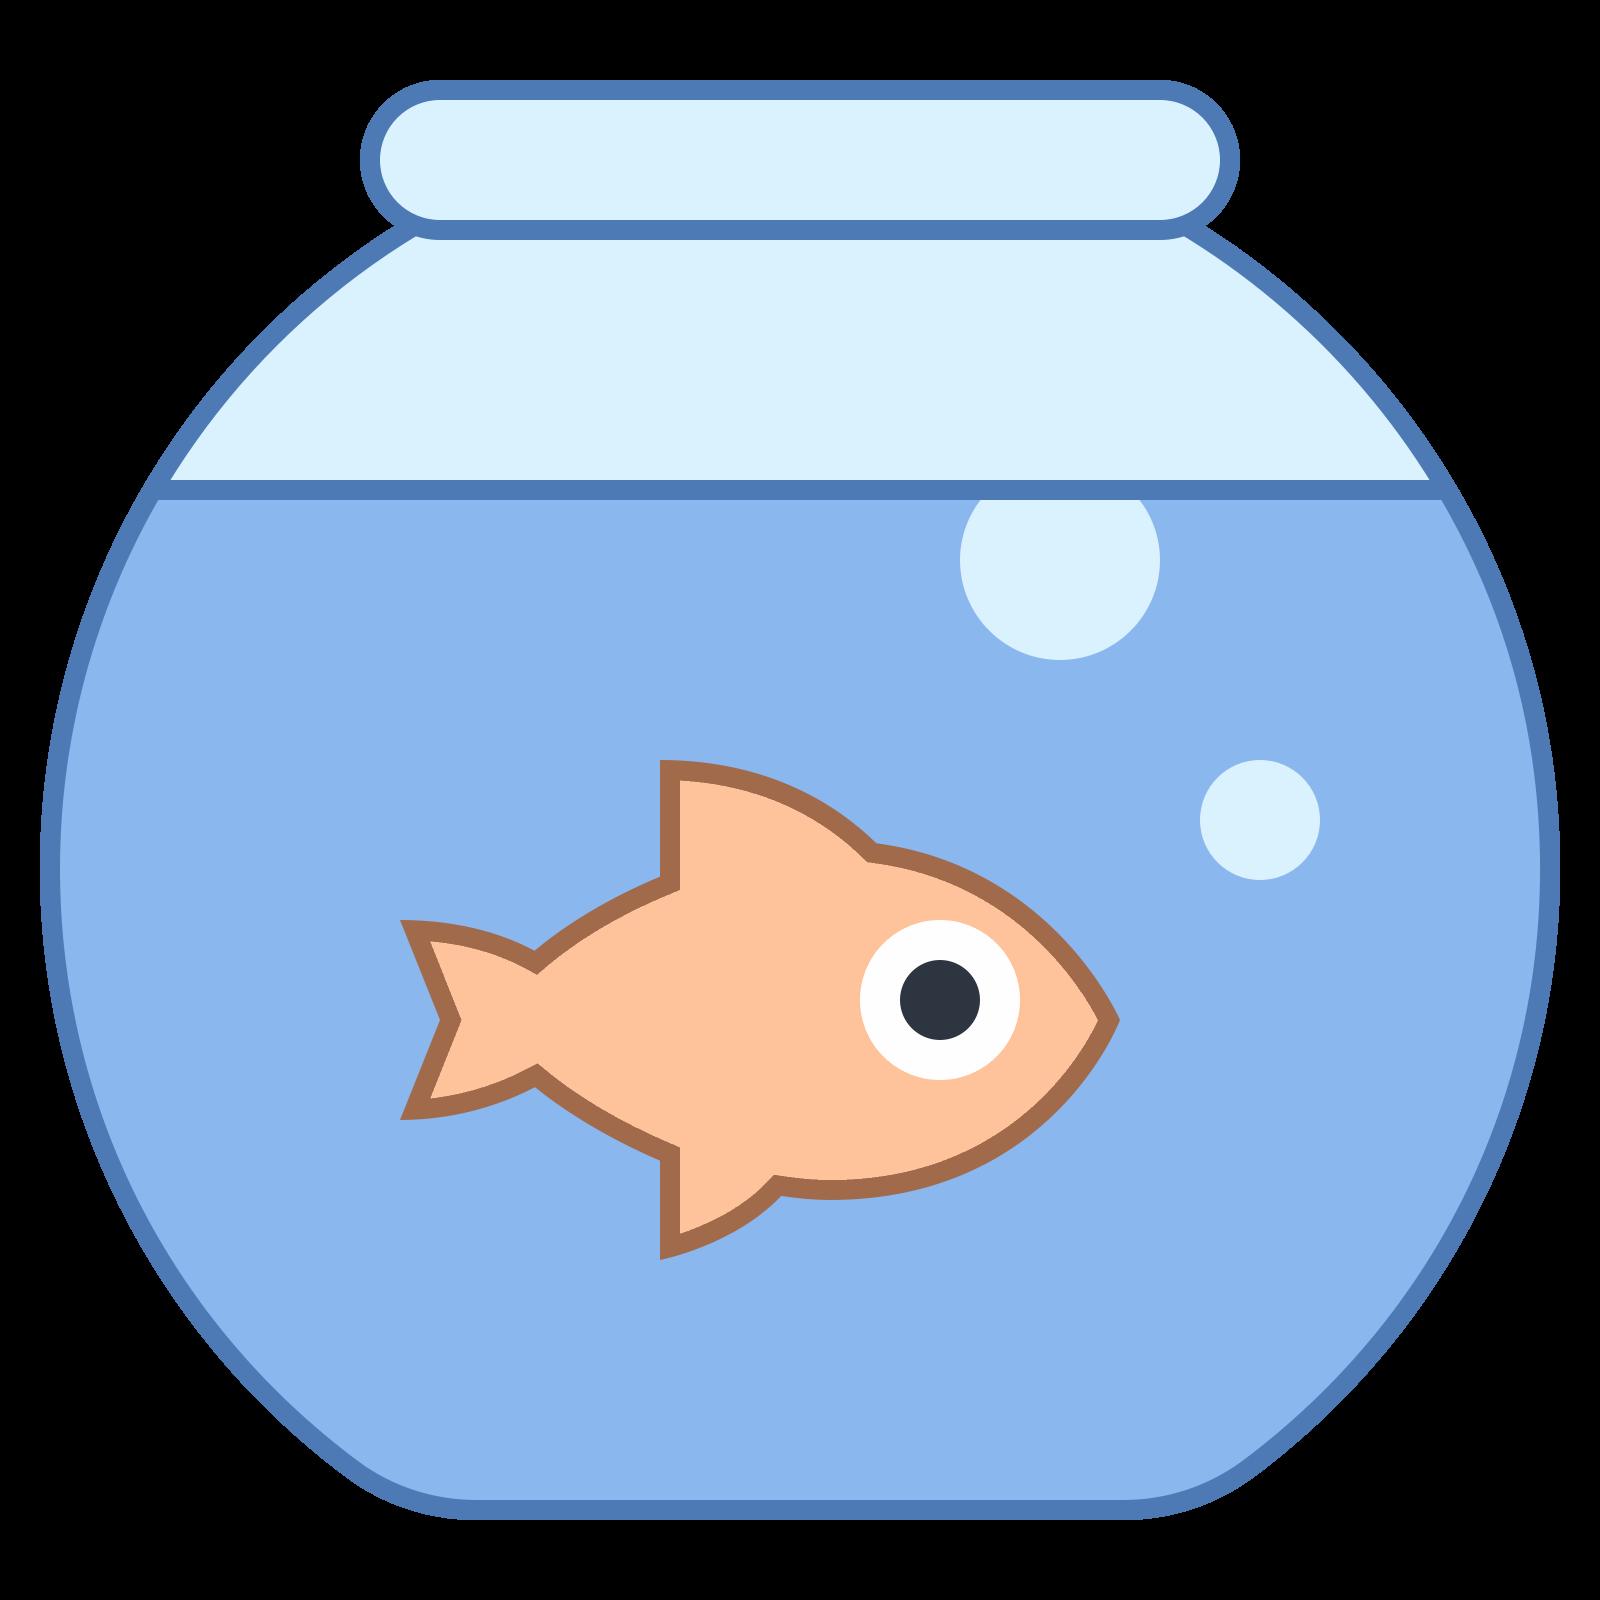 vector download Aqu rio cones download. Aquarium clipart svg.